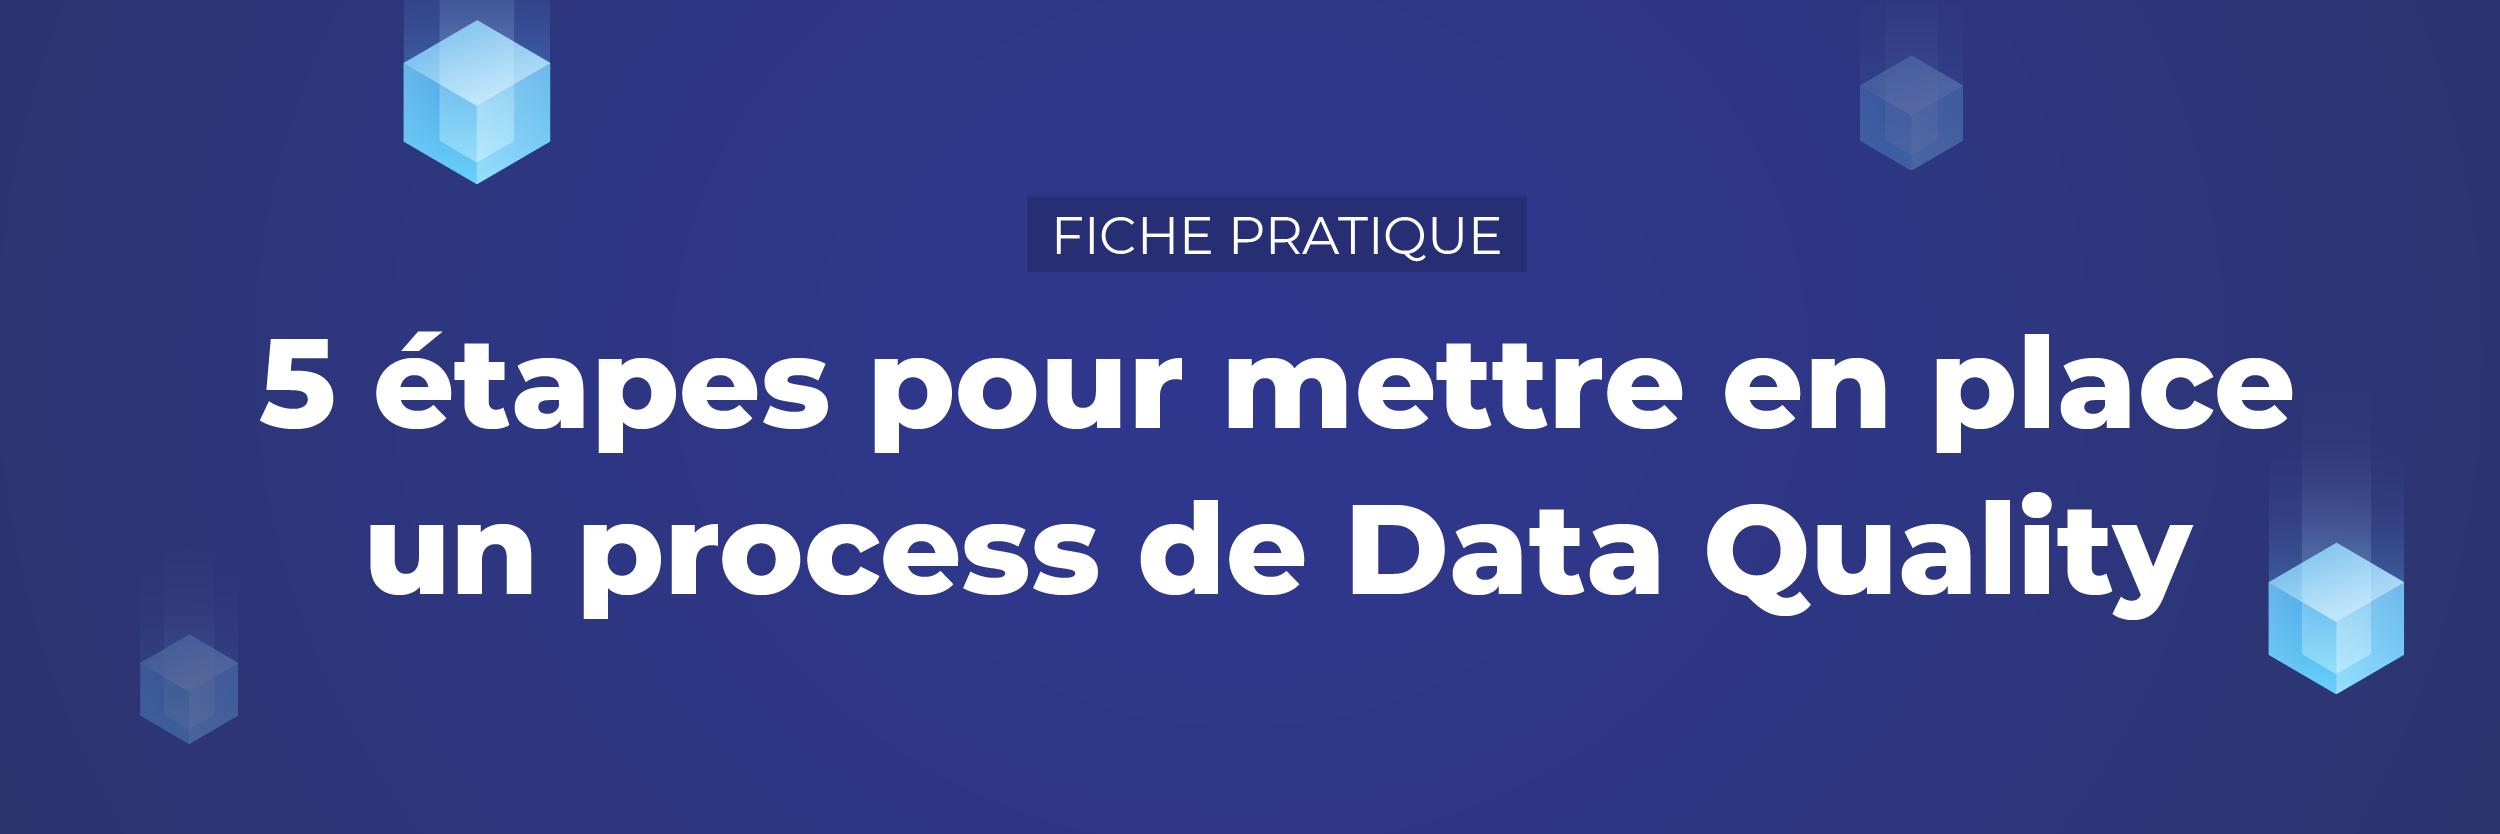 [Fiche pratique] Votre process Data Quality en 5 étapes